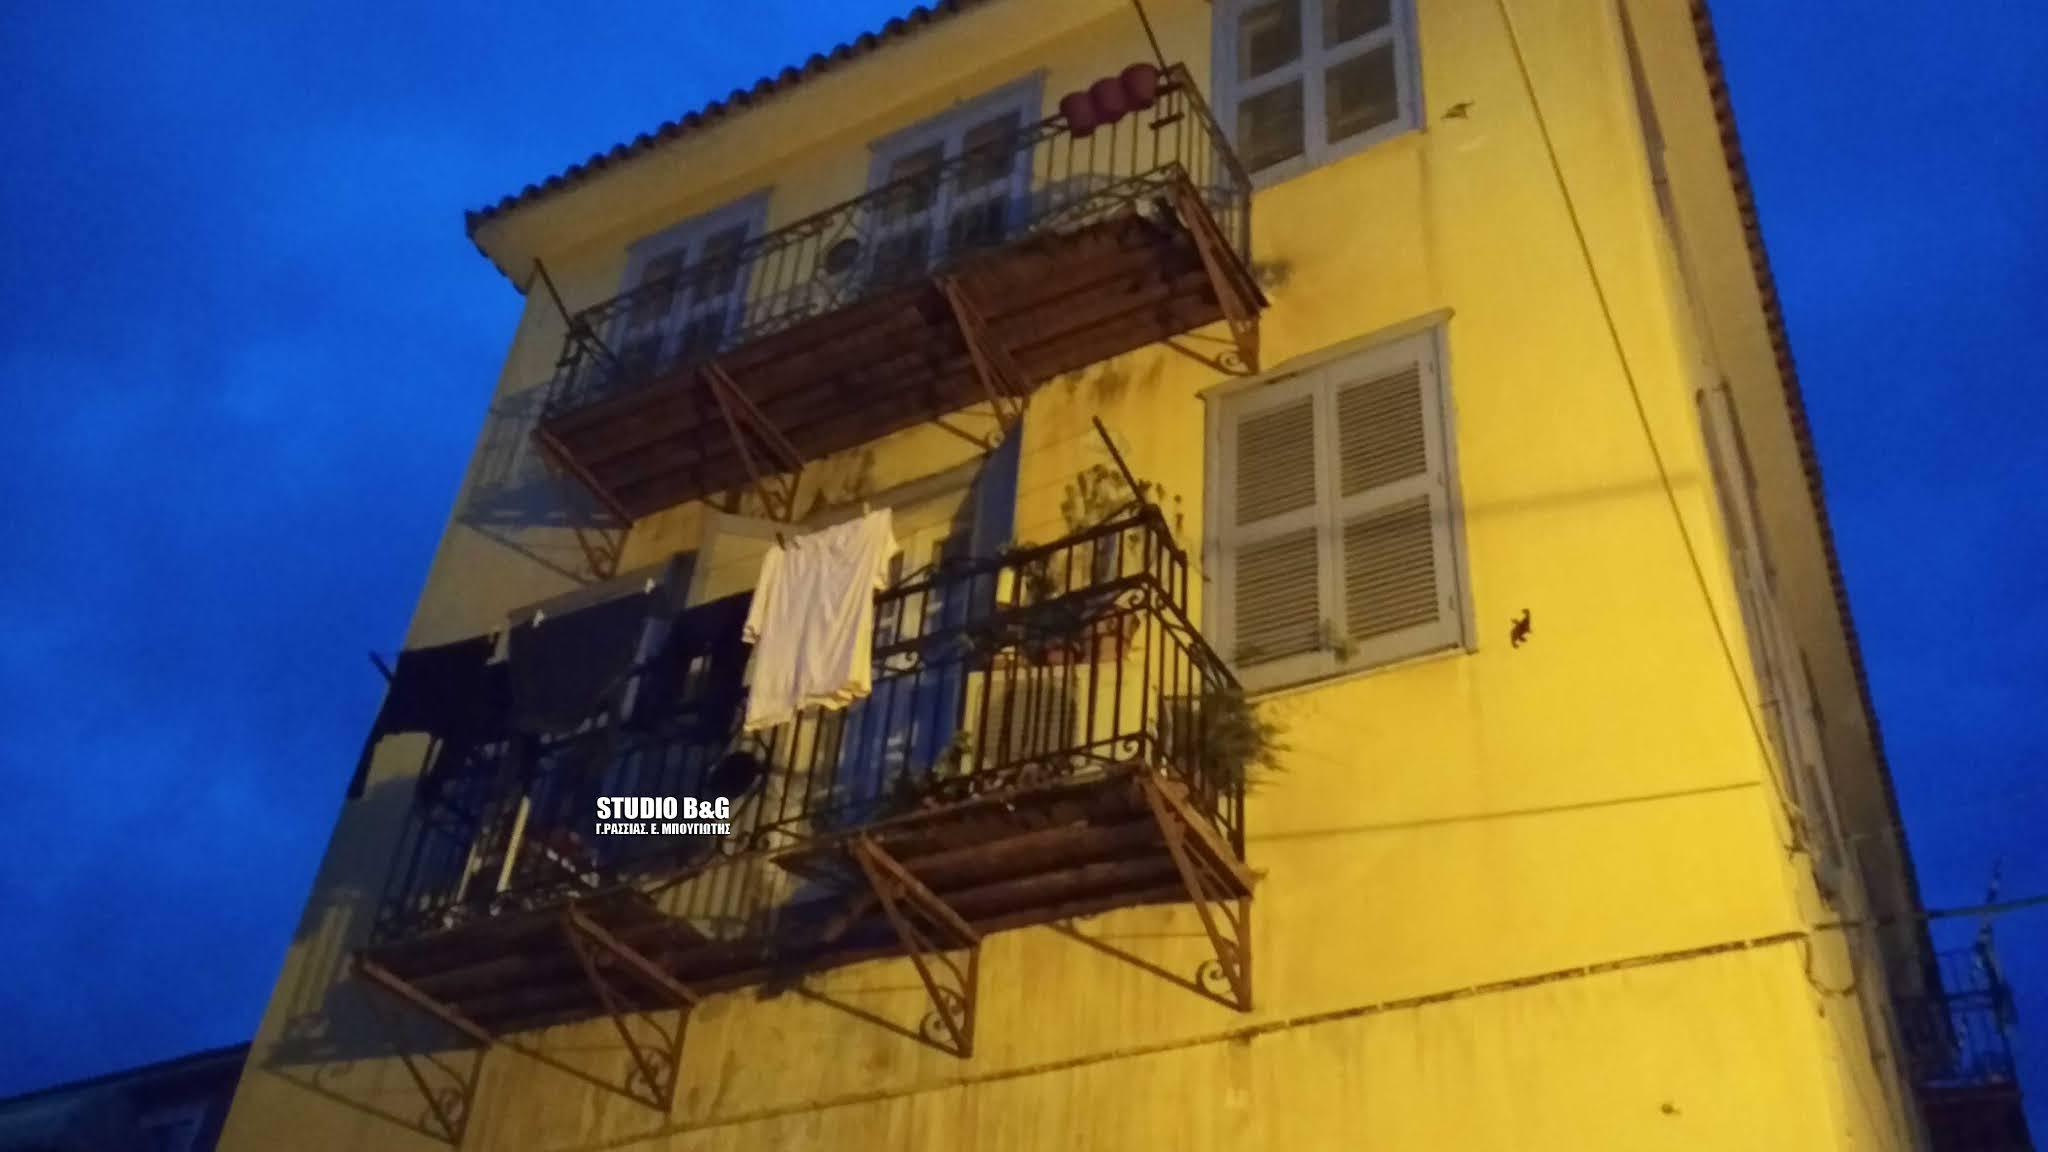 Ναύπλιο: Κατέρρευσε το μπαλκόνι και έπεσε στο κενό από τα 10 μέτρα – Σοβαρότατος ο τραυματισμός της γυναίκας